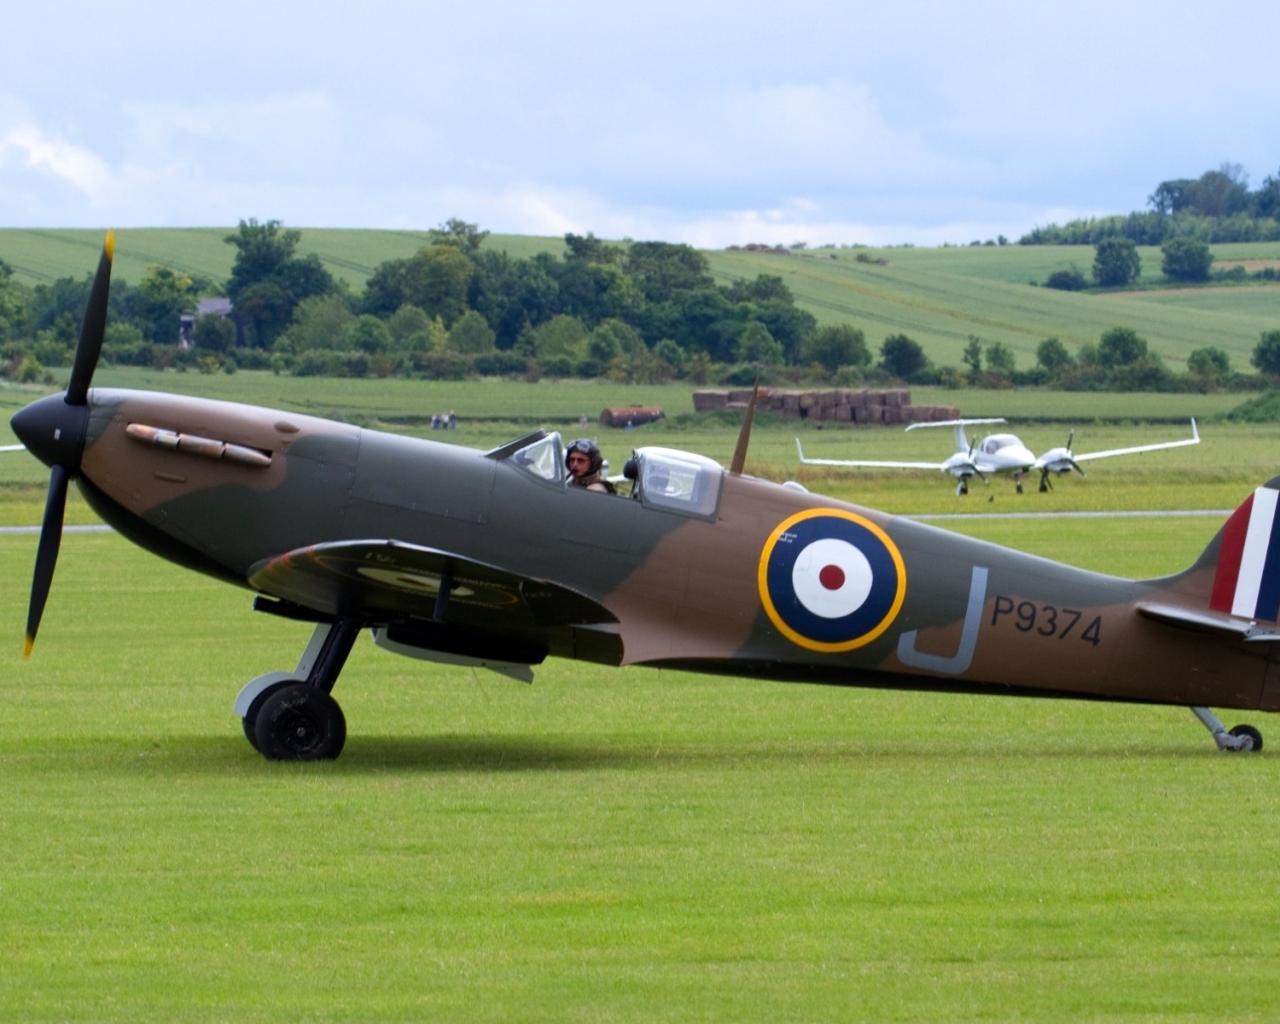 Spitfire - 1280x1024